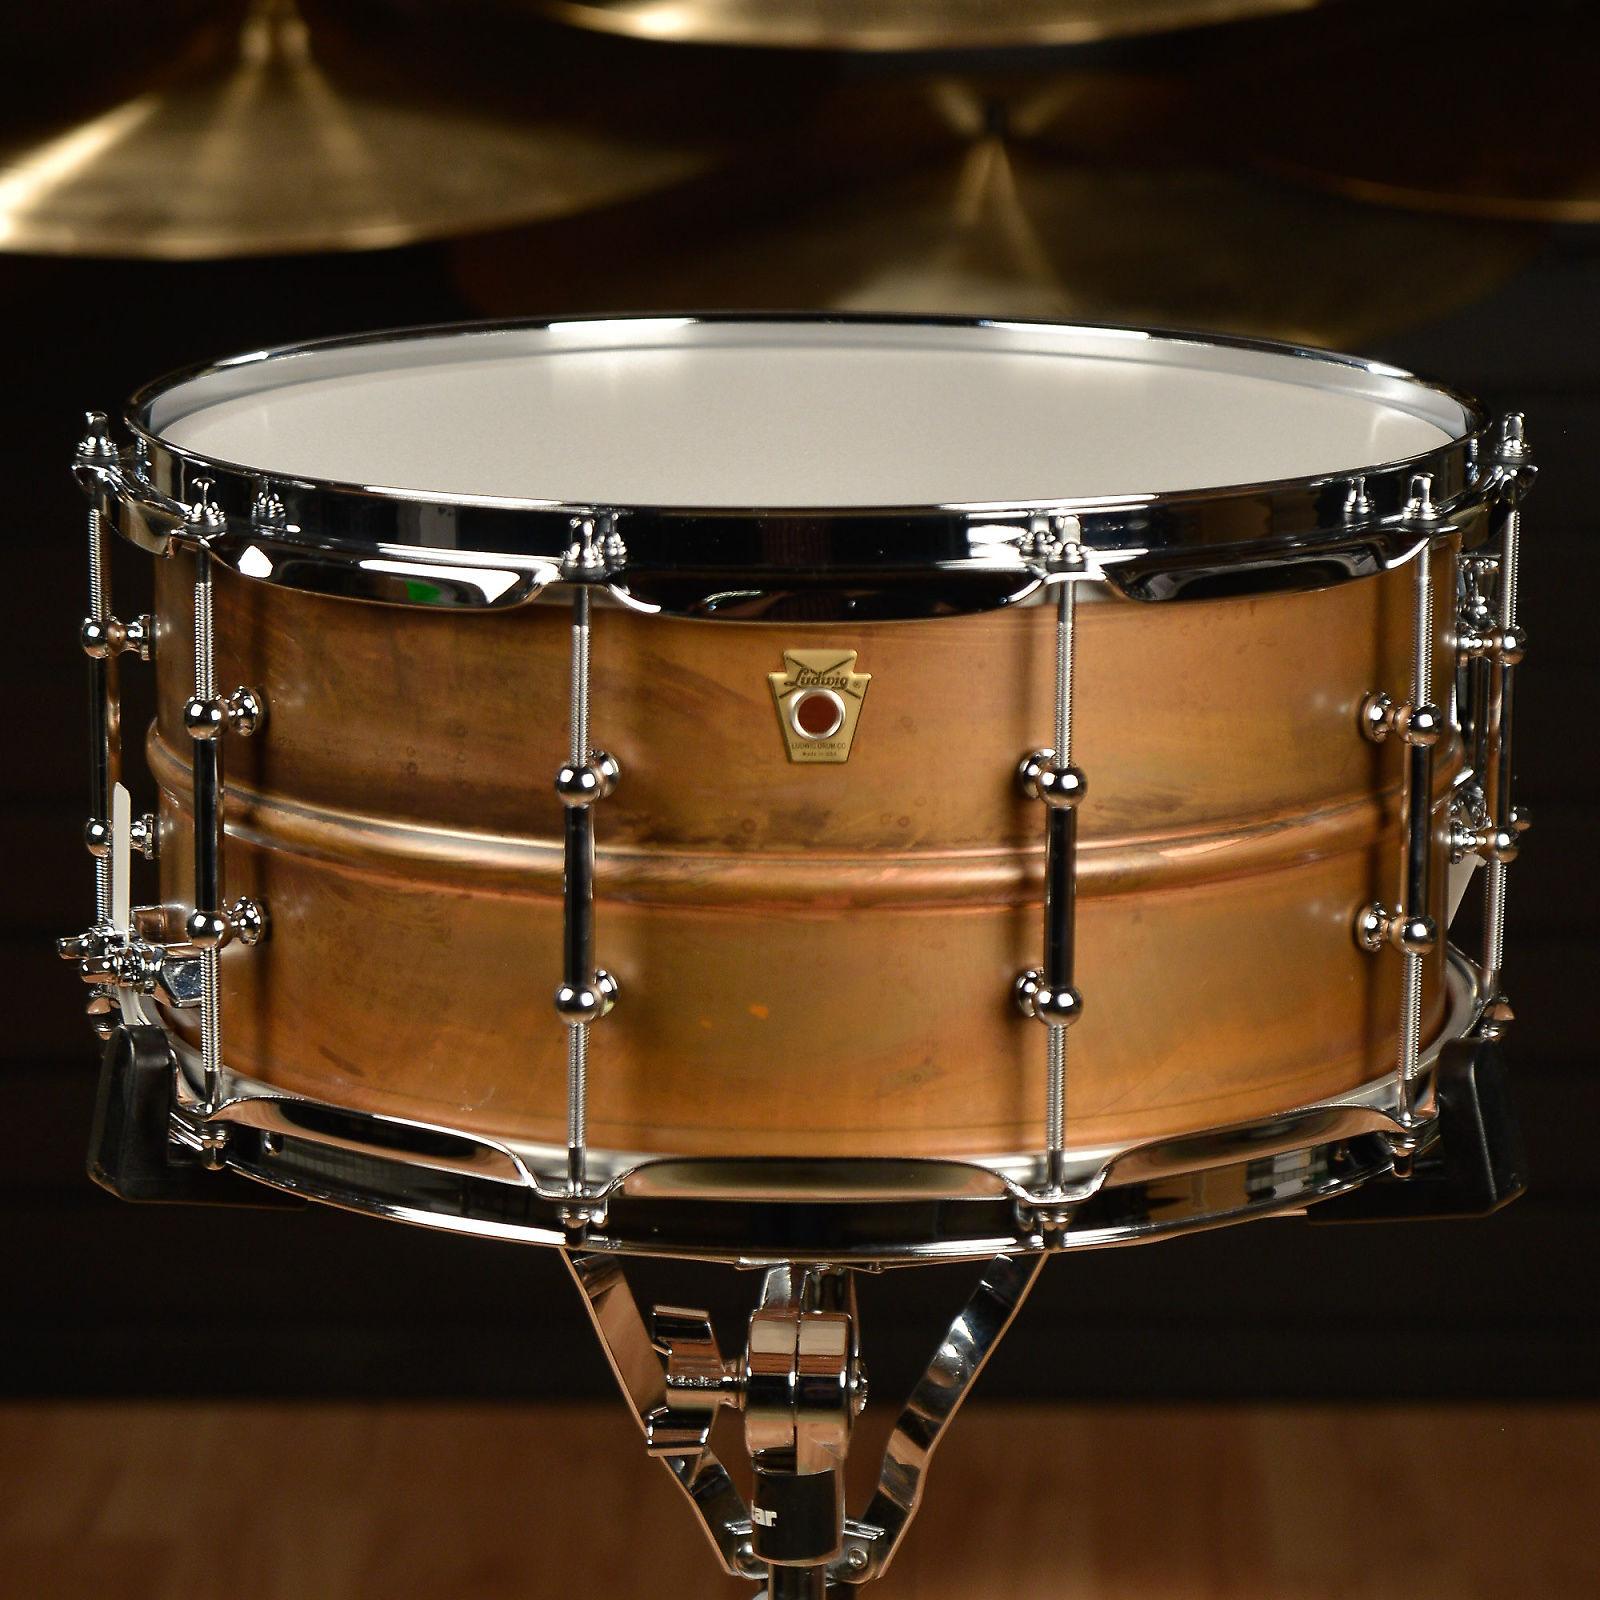 Cumming or drumming